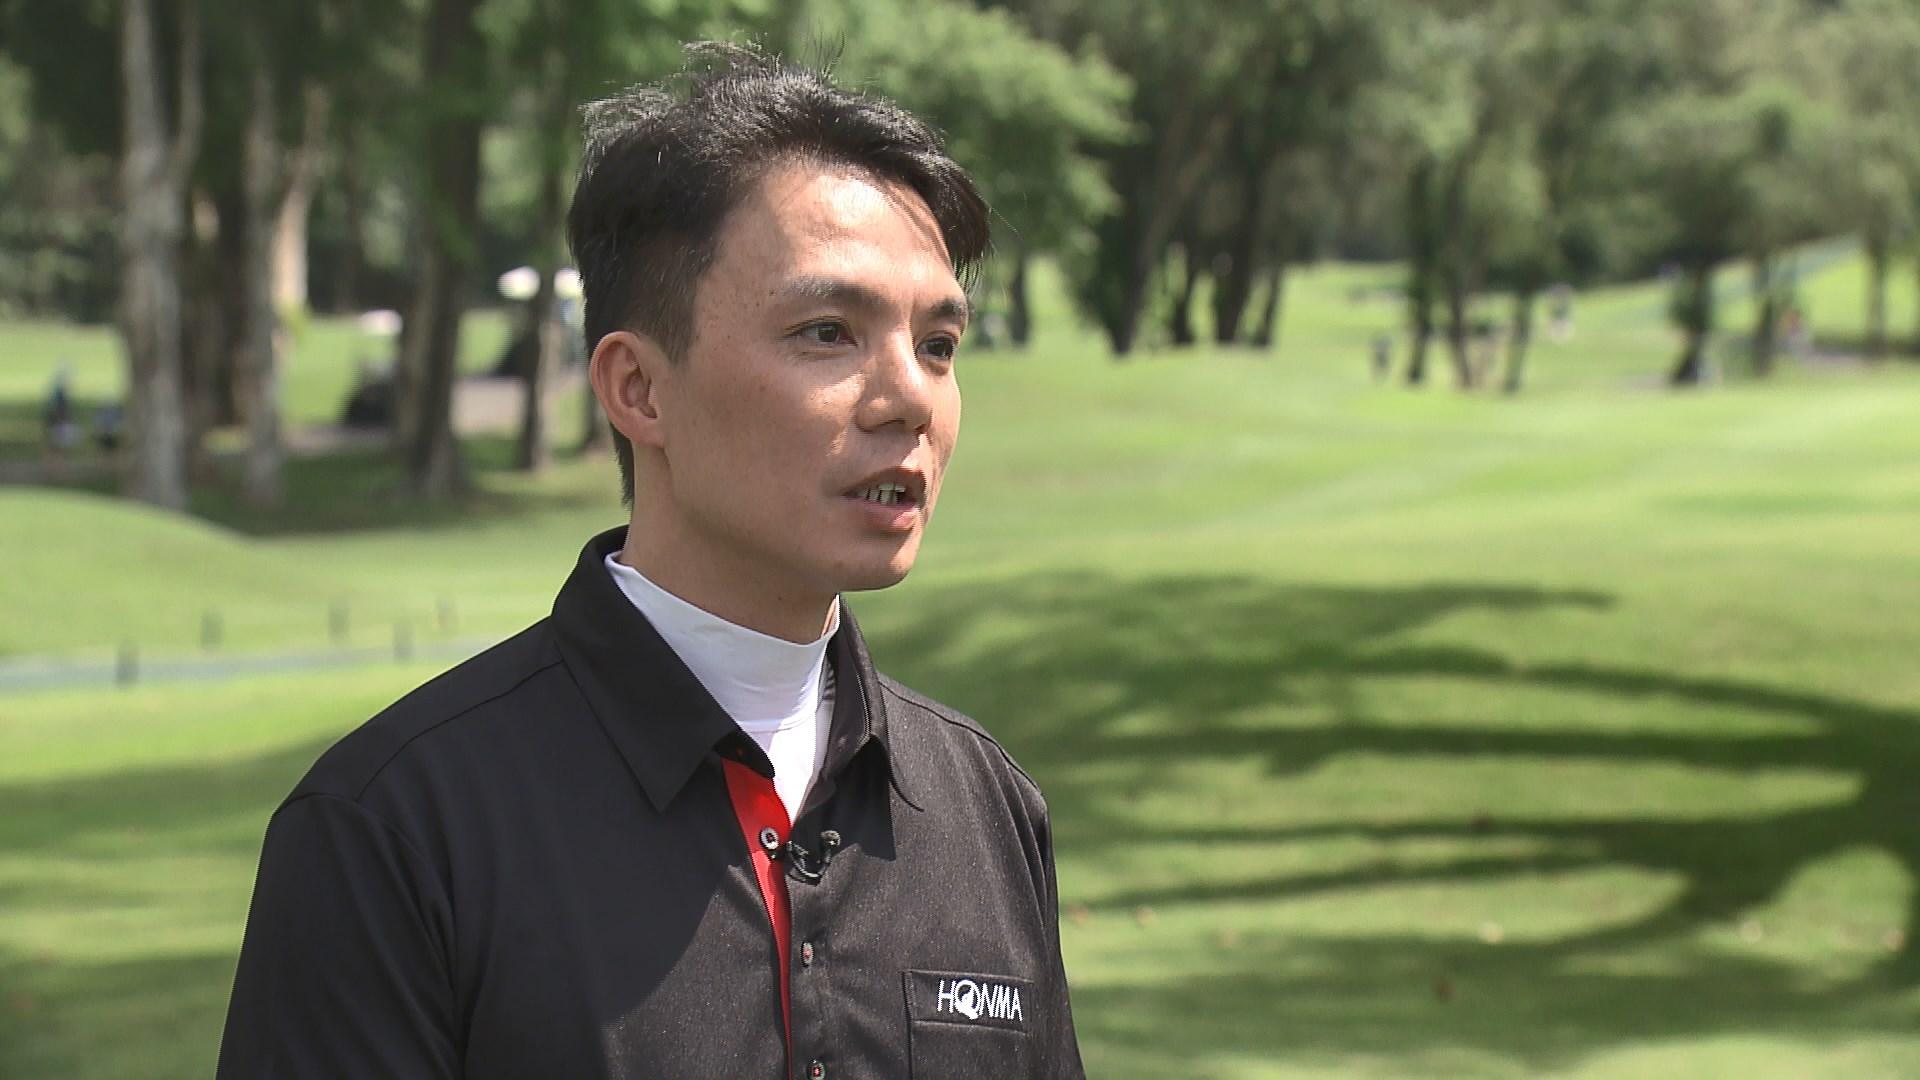 高爾夫球大聯盟批評政府漠視高球場發展